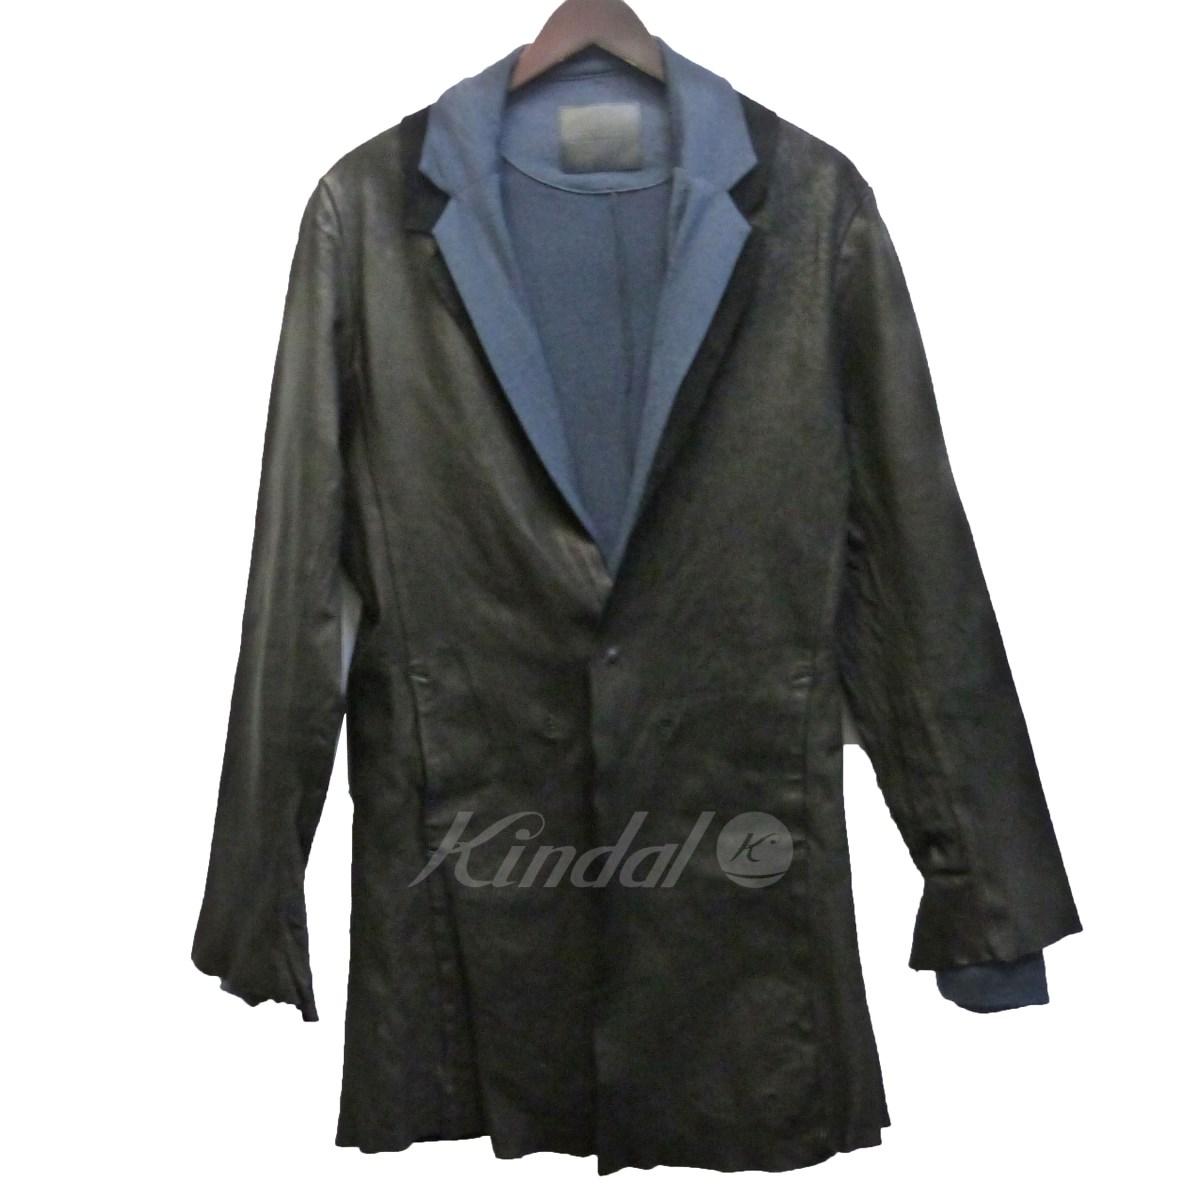 【中古】ISAMU KATAYAMA BACKLASH イタリアンホース製品染めジャケット ブラック サイズ:L 【送料無料】 【090918】(イサムカタヤマバックラッシュ)